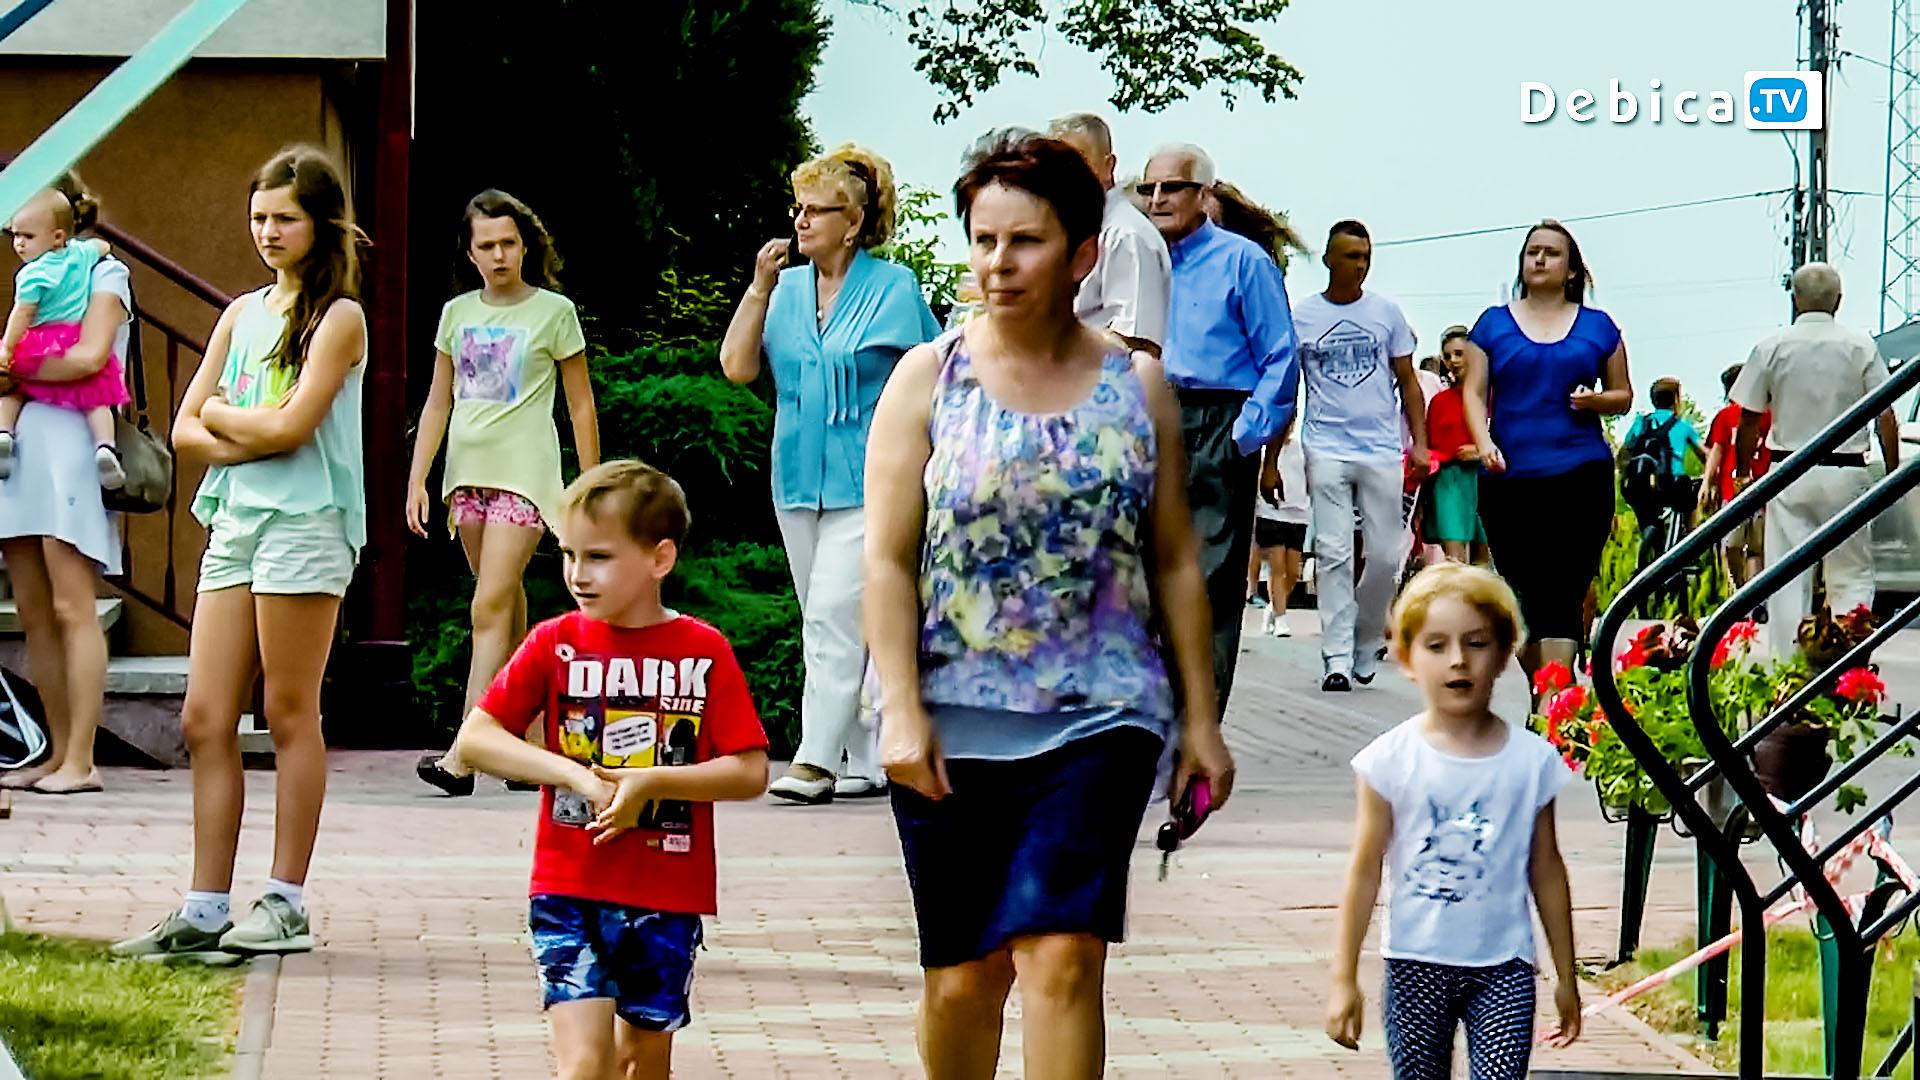 Rodzinny Festyn parafialny w Dębicy Latoszynie Telewizja